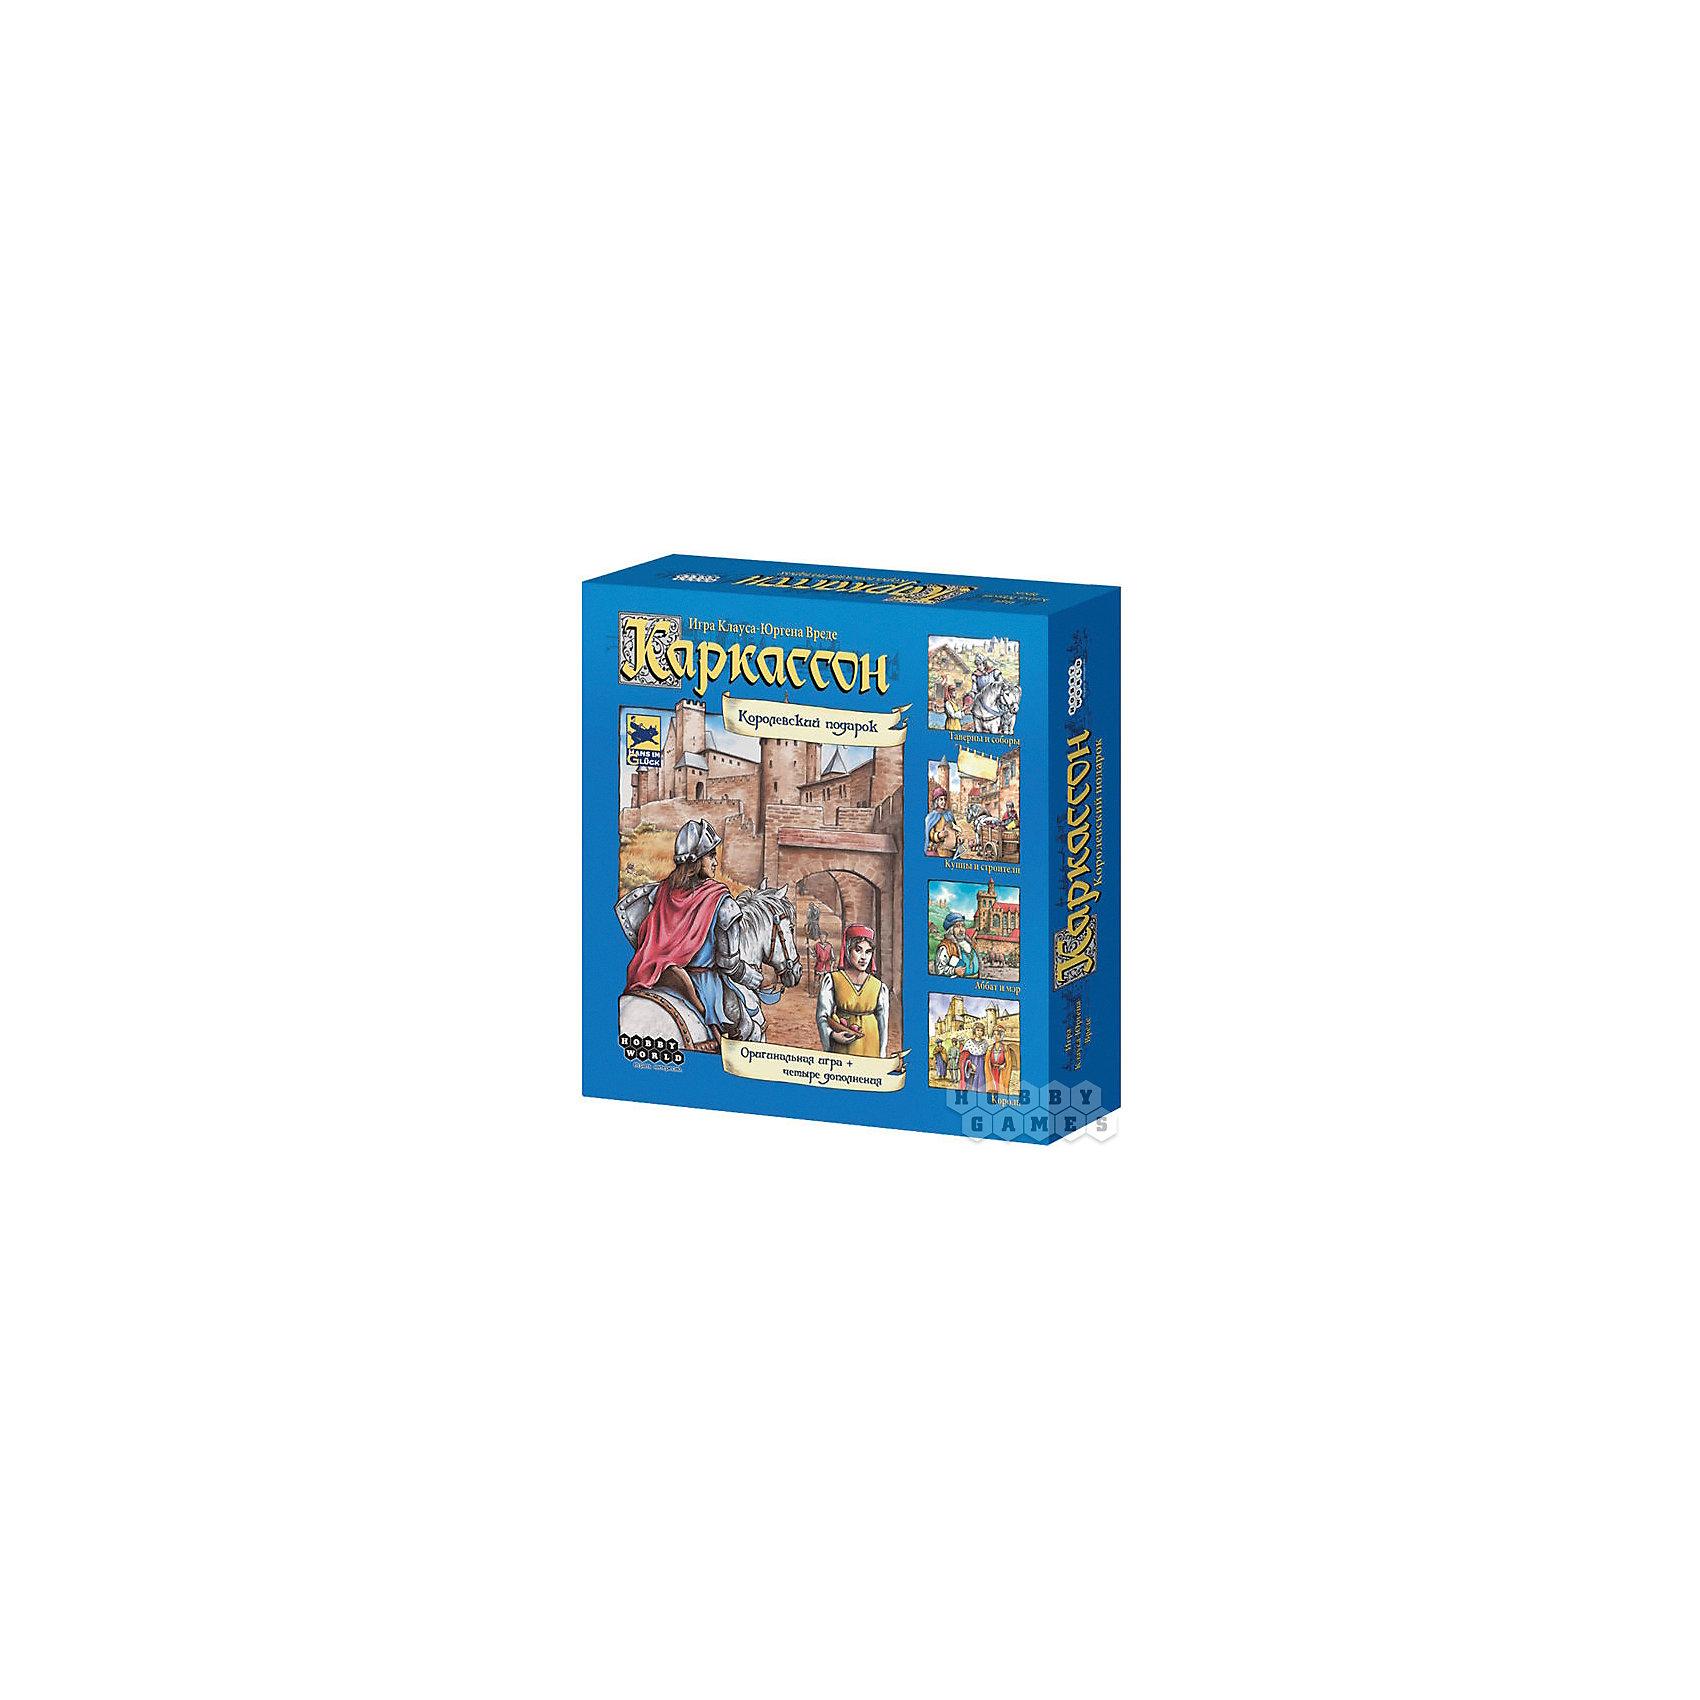 Набор Каркассон. Королевский Подарок, Hobby WorldСтратегические настольные игры<br>Характеристики товара:<br><br>• возраст: от 8 лет;<br>• материал: картон;<br>• количество игроков: 2-6 человек;<br>• время игры: от 25 минут;<br>• в комплекте: Каркассон (72 квадрата земли, 40 миплов, поле подсчета, правила игры), Каркассон. Таверны и соборы (18 квадратов местности, 6 жетонов для подсчета очков, 14 фишек подданных), Каркассон. Купцы и строители (24 квадрата местности, 20 жетонов товаров, 6 фишек свиней, 6 фишек строителей), Каркассон. Аббат и мэр (12 квадратов местности, 6 квадратов аббатства, 6 фишек мэров, 6 фишек амбаров, 6 фишек повозок), Каркассон. Король (5 квадратов местности, 1 квадрат короля, 1 квадрат атамана), Разведчик для Каркассон (5 особых квадратов);<br>• размер упаковки 29,6х29,6х6,7 см;<br>• вес упаковки 1,18 кг;<br>• страна производитель: Россия.<br><br>Набор «Каркассон. Королевский подарок» Hobby World включает настольную игру Каркассон и дополнения к ней, которые разнообразят игру и сделают ее еще увлекательней. В процессе игры игроки выстраивают свои владения, используя карты с дорогами, замками и т.д. Карточки устанавливаются так, чтобы изображение на ней совпадало с границей предыдущей карты. Когда на карте появляется владение, игрок ставит туда своего эмиссара. После строительства фишка возвращается к игроку, принося ему баллы. В конце игры надо набрать как можно больше баллов.<br><br>Набор «Каркассон. Королевский подарок» Hobby World можно приобрести в нашем интернет-магазине.<br><br>Ширина мм: 296<br>Глубина мм: 296<br>Высота мм: 67<br>Вес г: 1180<br>Возраст от месяцев: 96<br>Возраст до месяцев: 2147483647<br>Пол: Унисекс<br>Возраст: Детский<br>SKU: 5597221